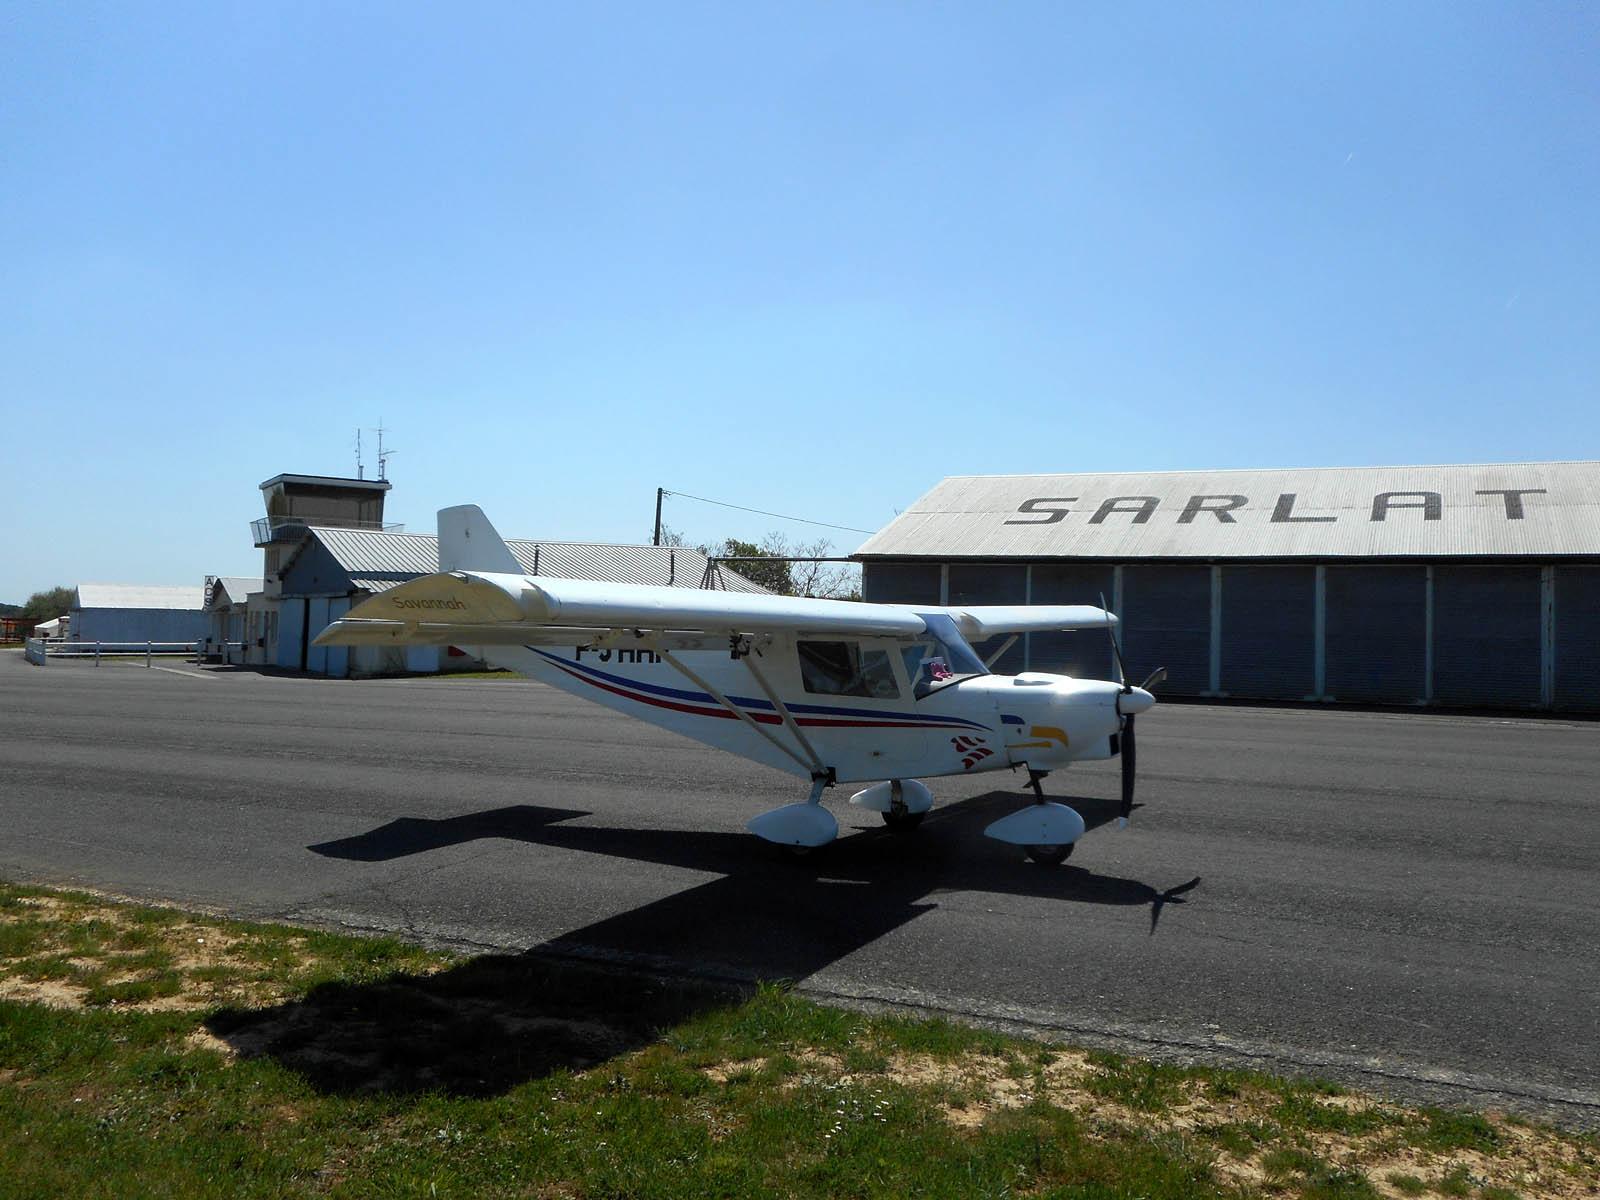 ICP Savannah MXP 740 at Sarlat-Domme, France